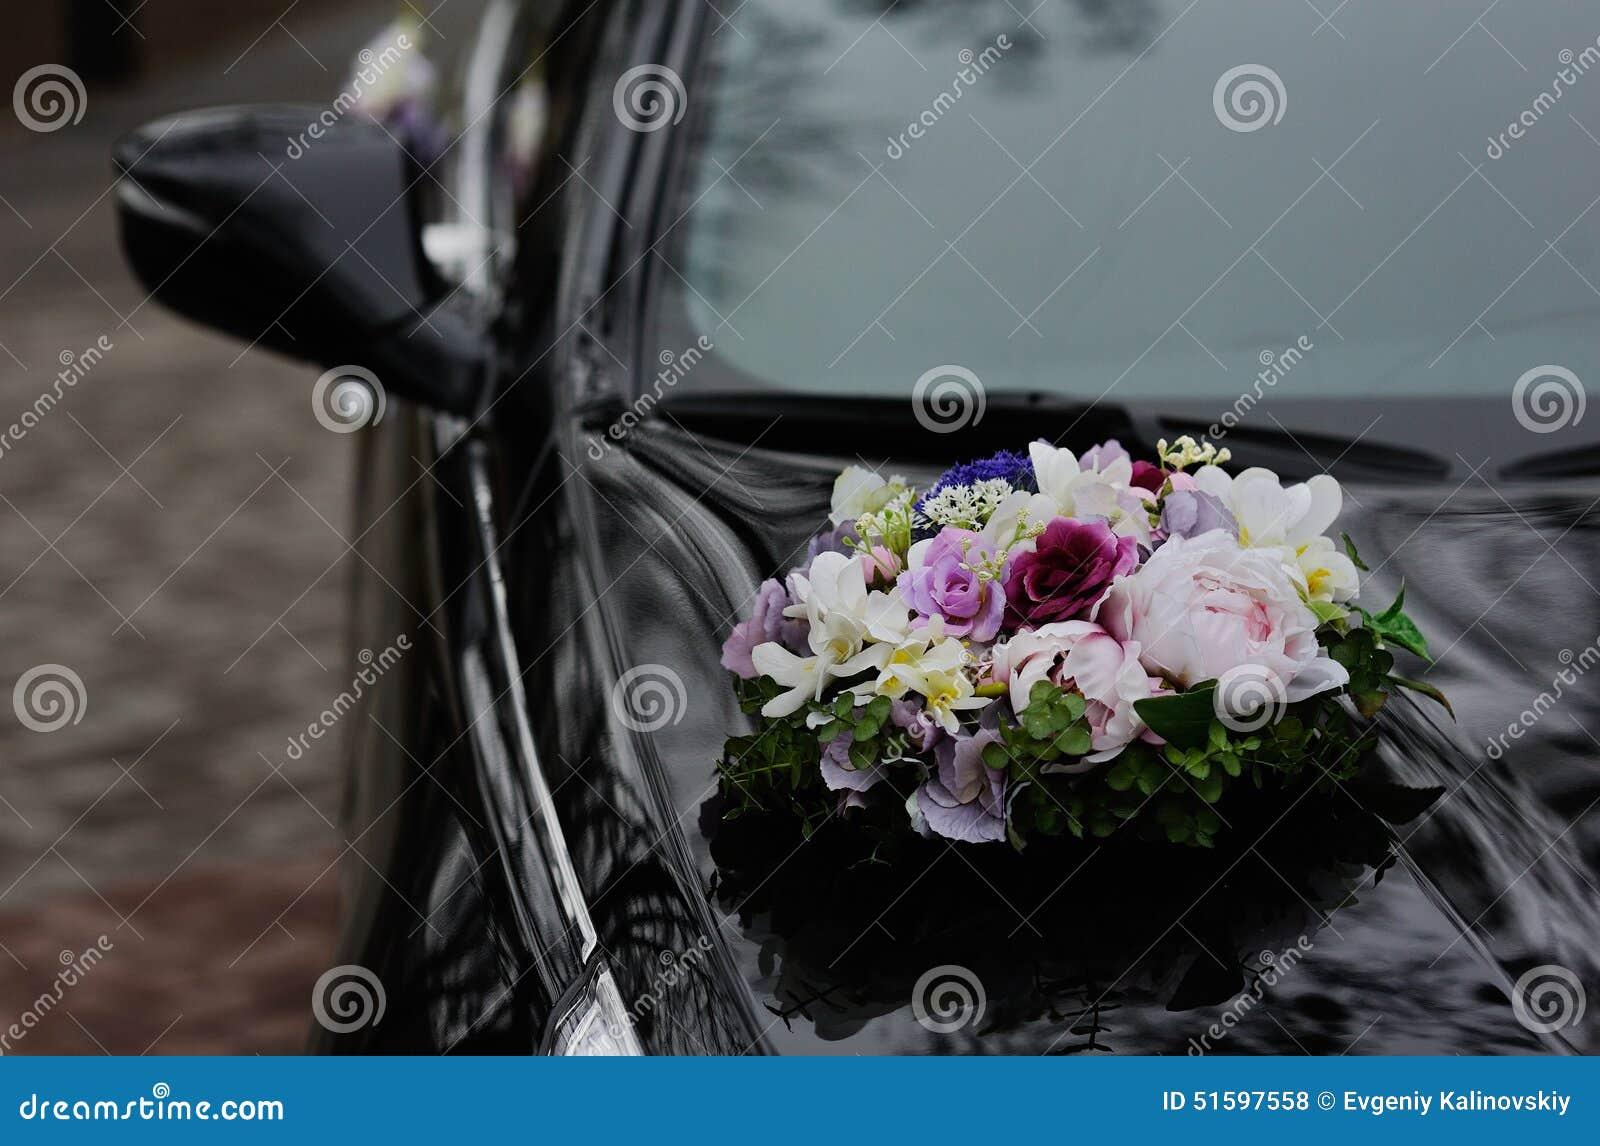 Hochzeitsblumen Eines Schwarzen Autos Stockfoto Bild Von Floral